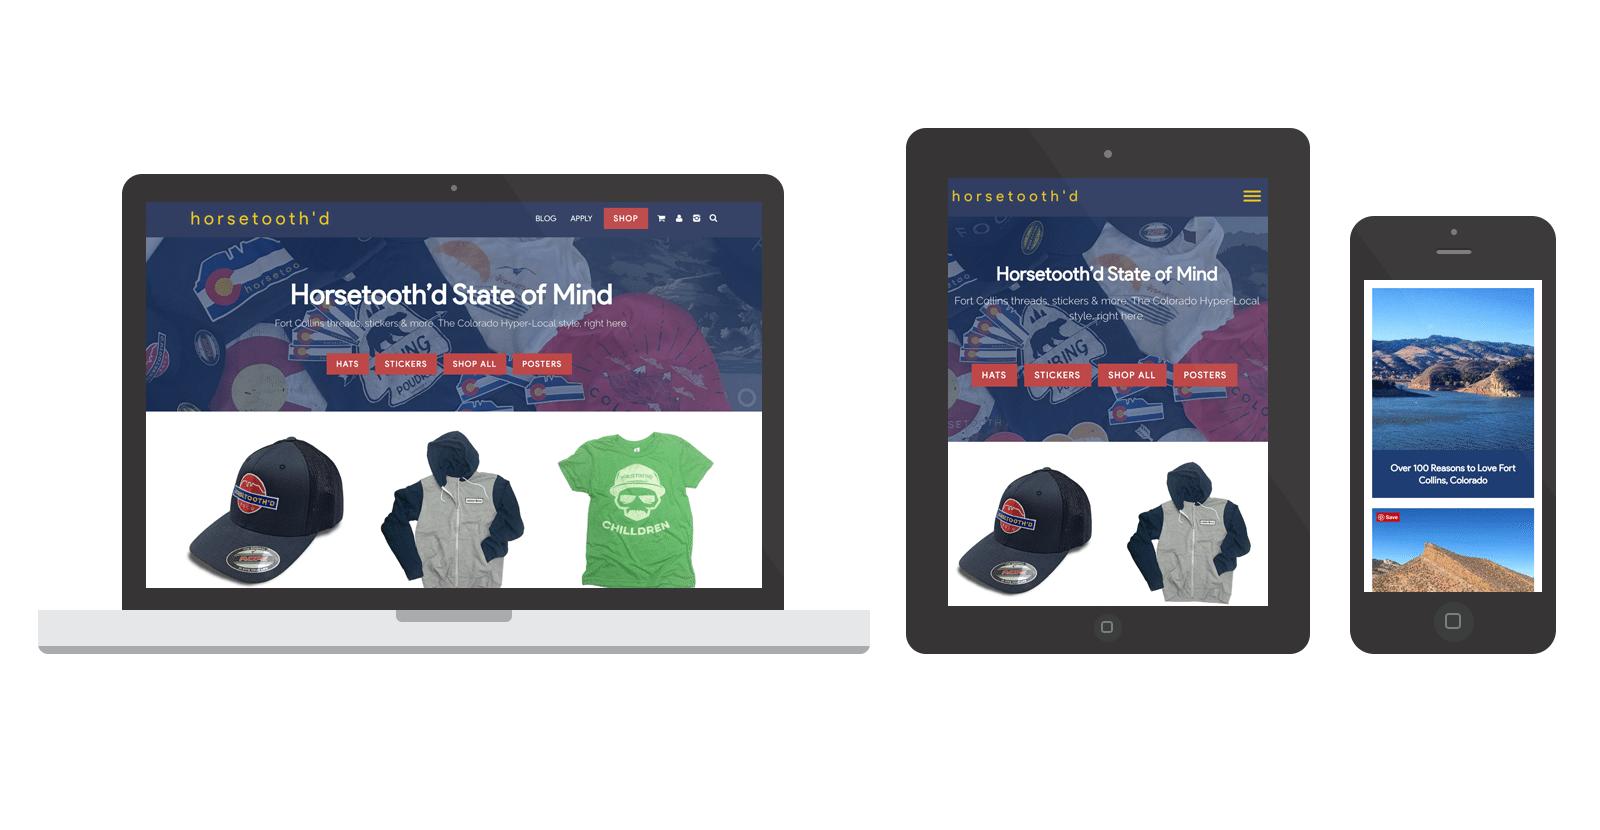 Horsetooth'd WordPress eCommerce Website